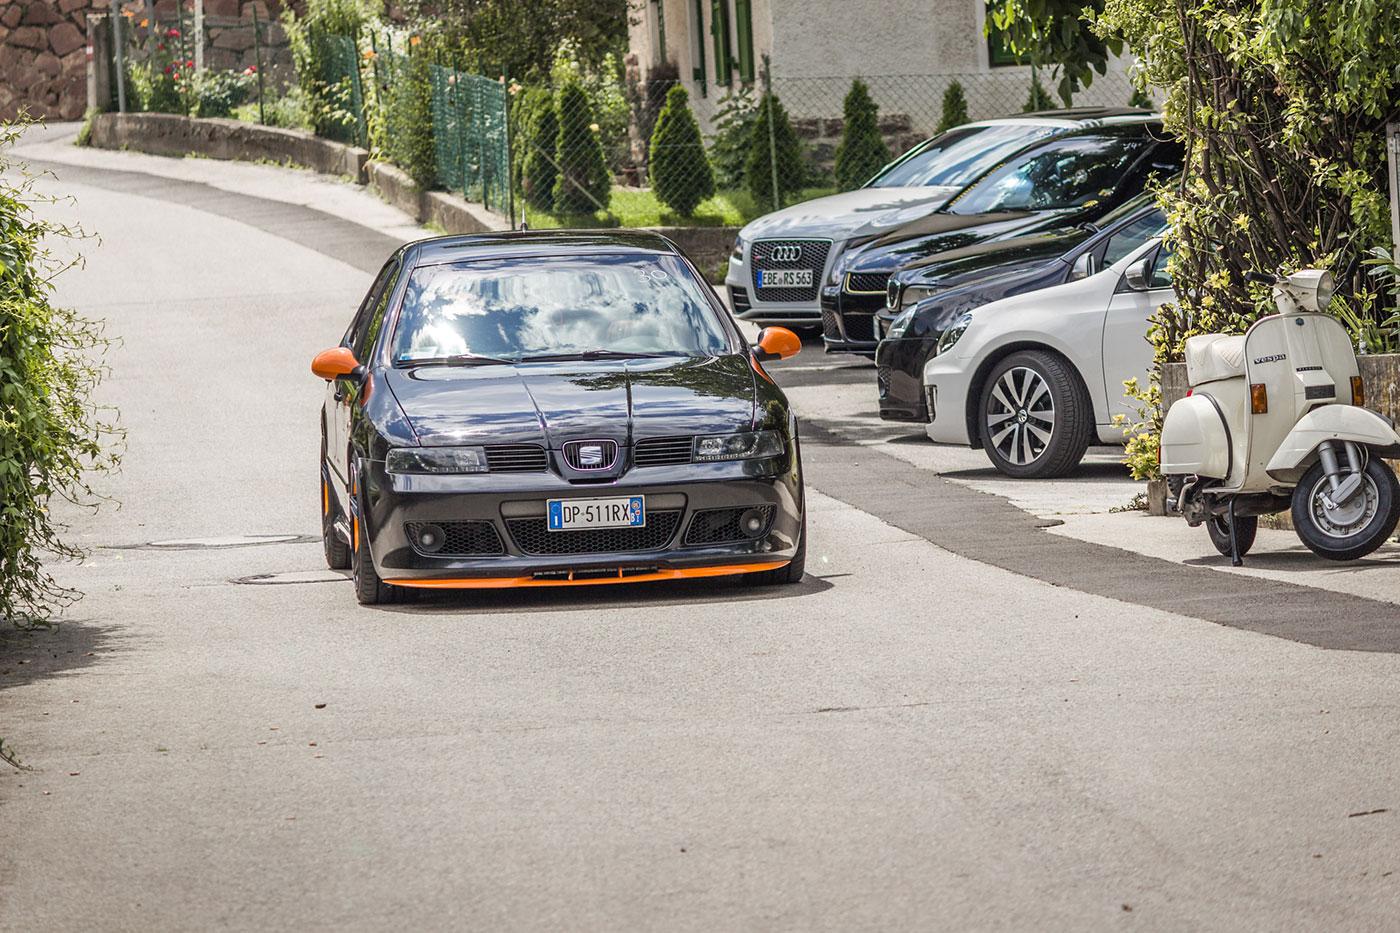 Getunte Autos beim Streetracer Tuning Treffen